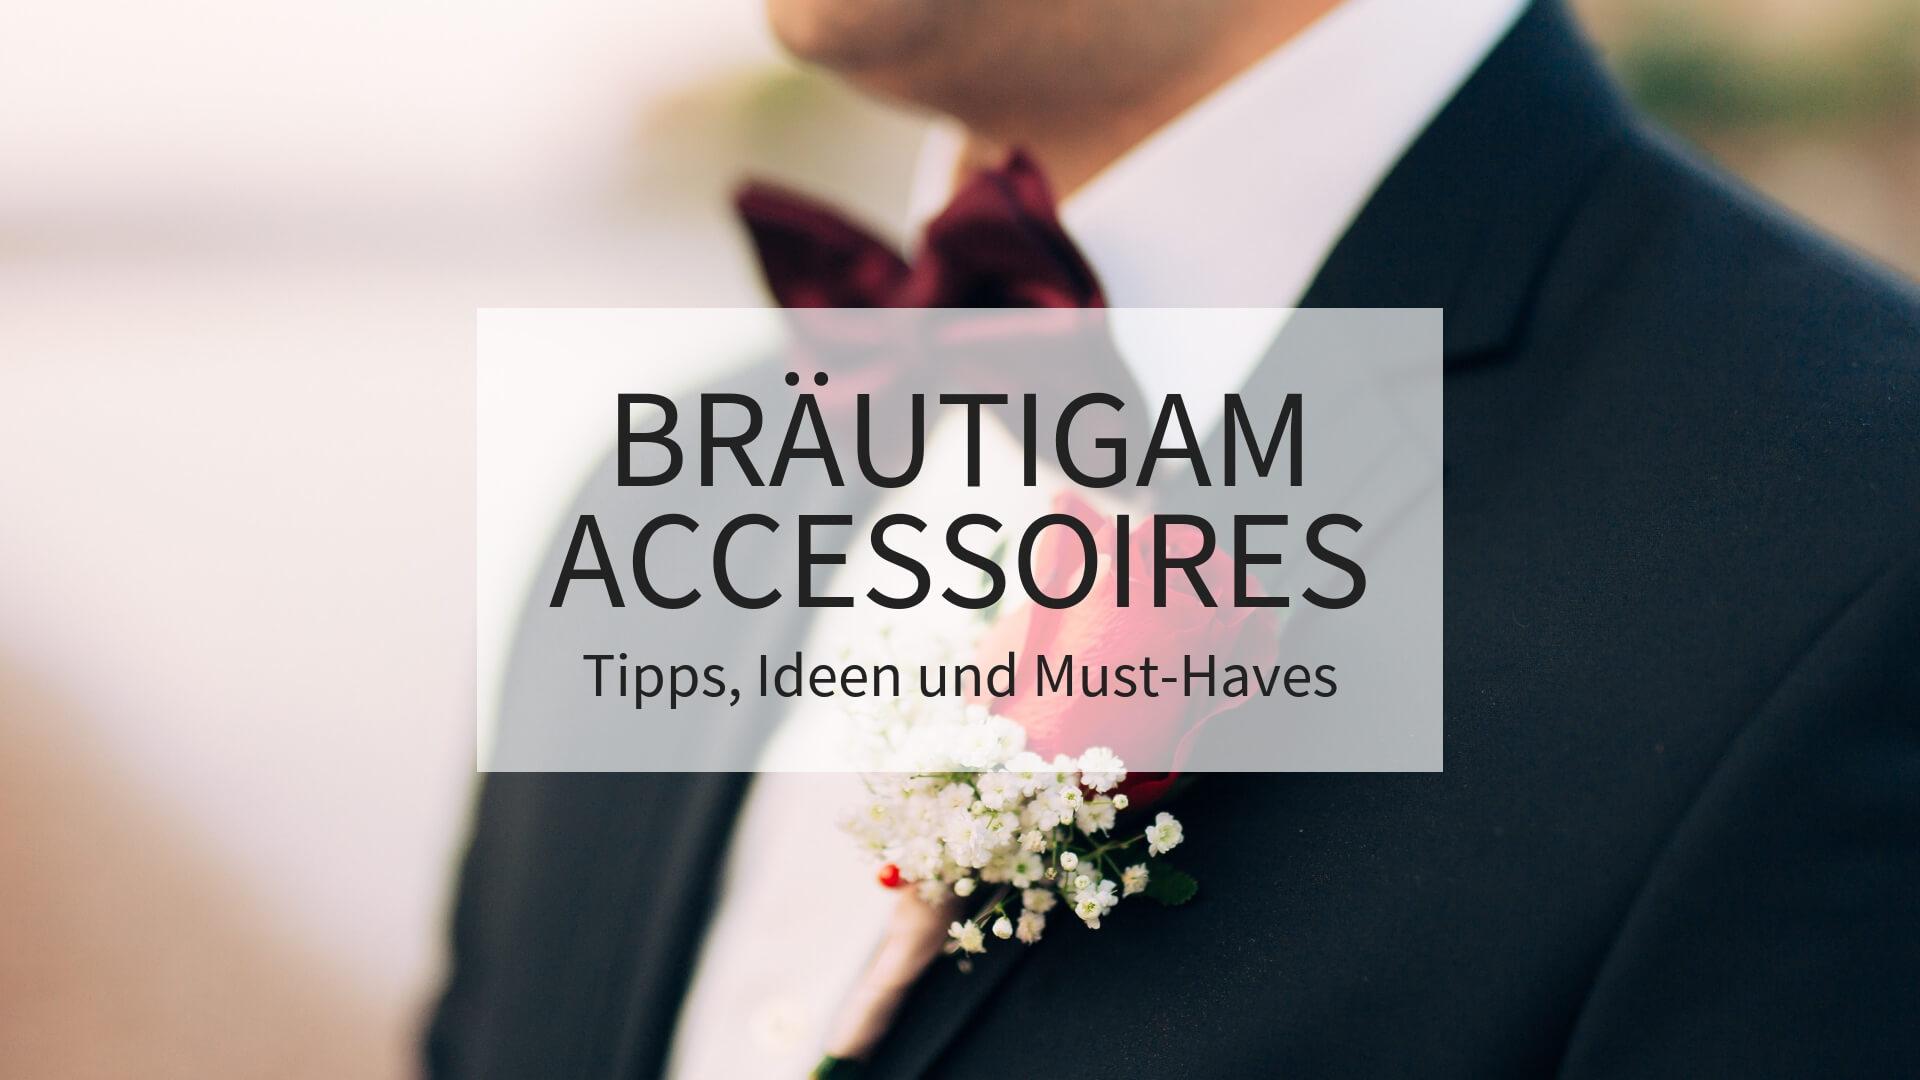 Bräutigam Accessoires, Bräutigam Styling, Bräutigam Ideen, Bräutigam Outfit,